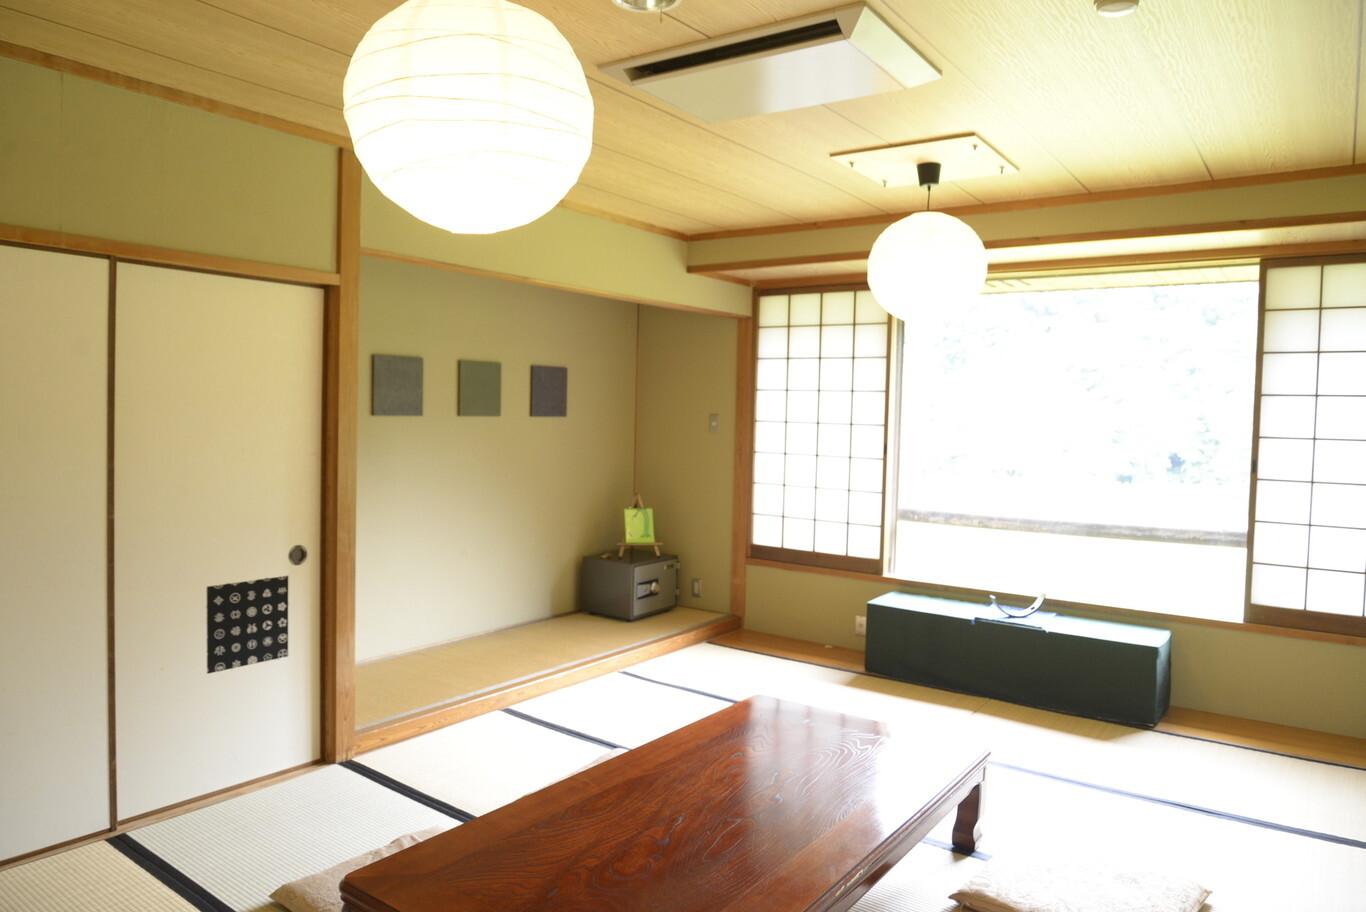 神戸三田アウトドアビレッジ TEMIL の公式写真c13463